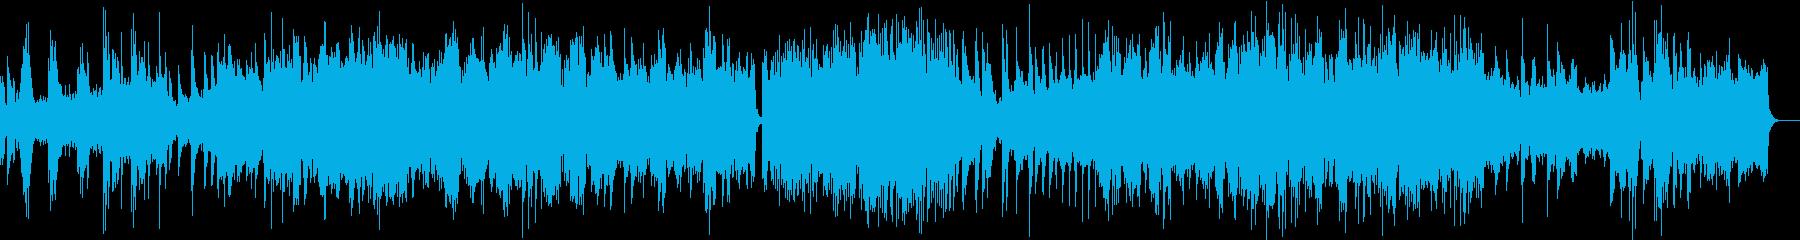 繊細で幻想的なピアノシンセの再生済みの波形